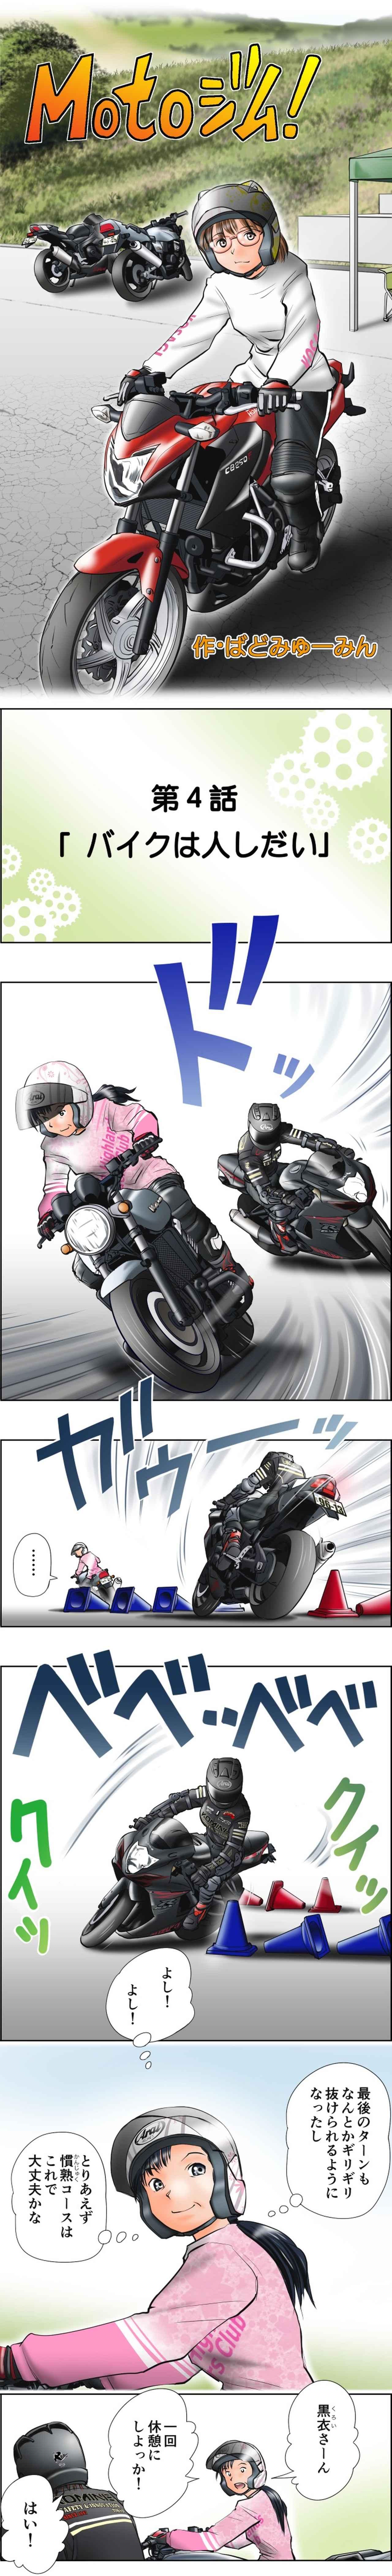 画像1: Motoジム!(第4話:バイクは人しだい)  作・ばどみゅーみん